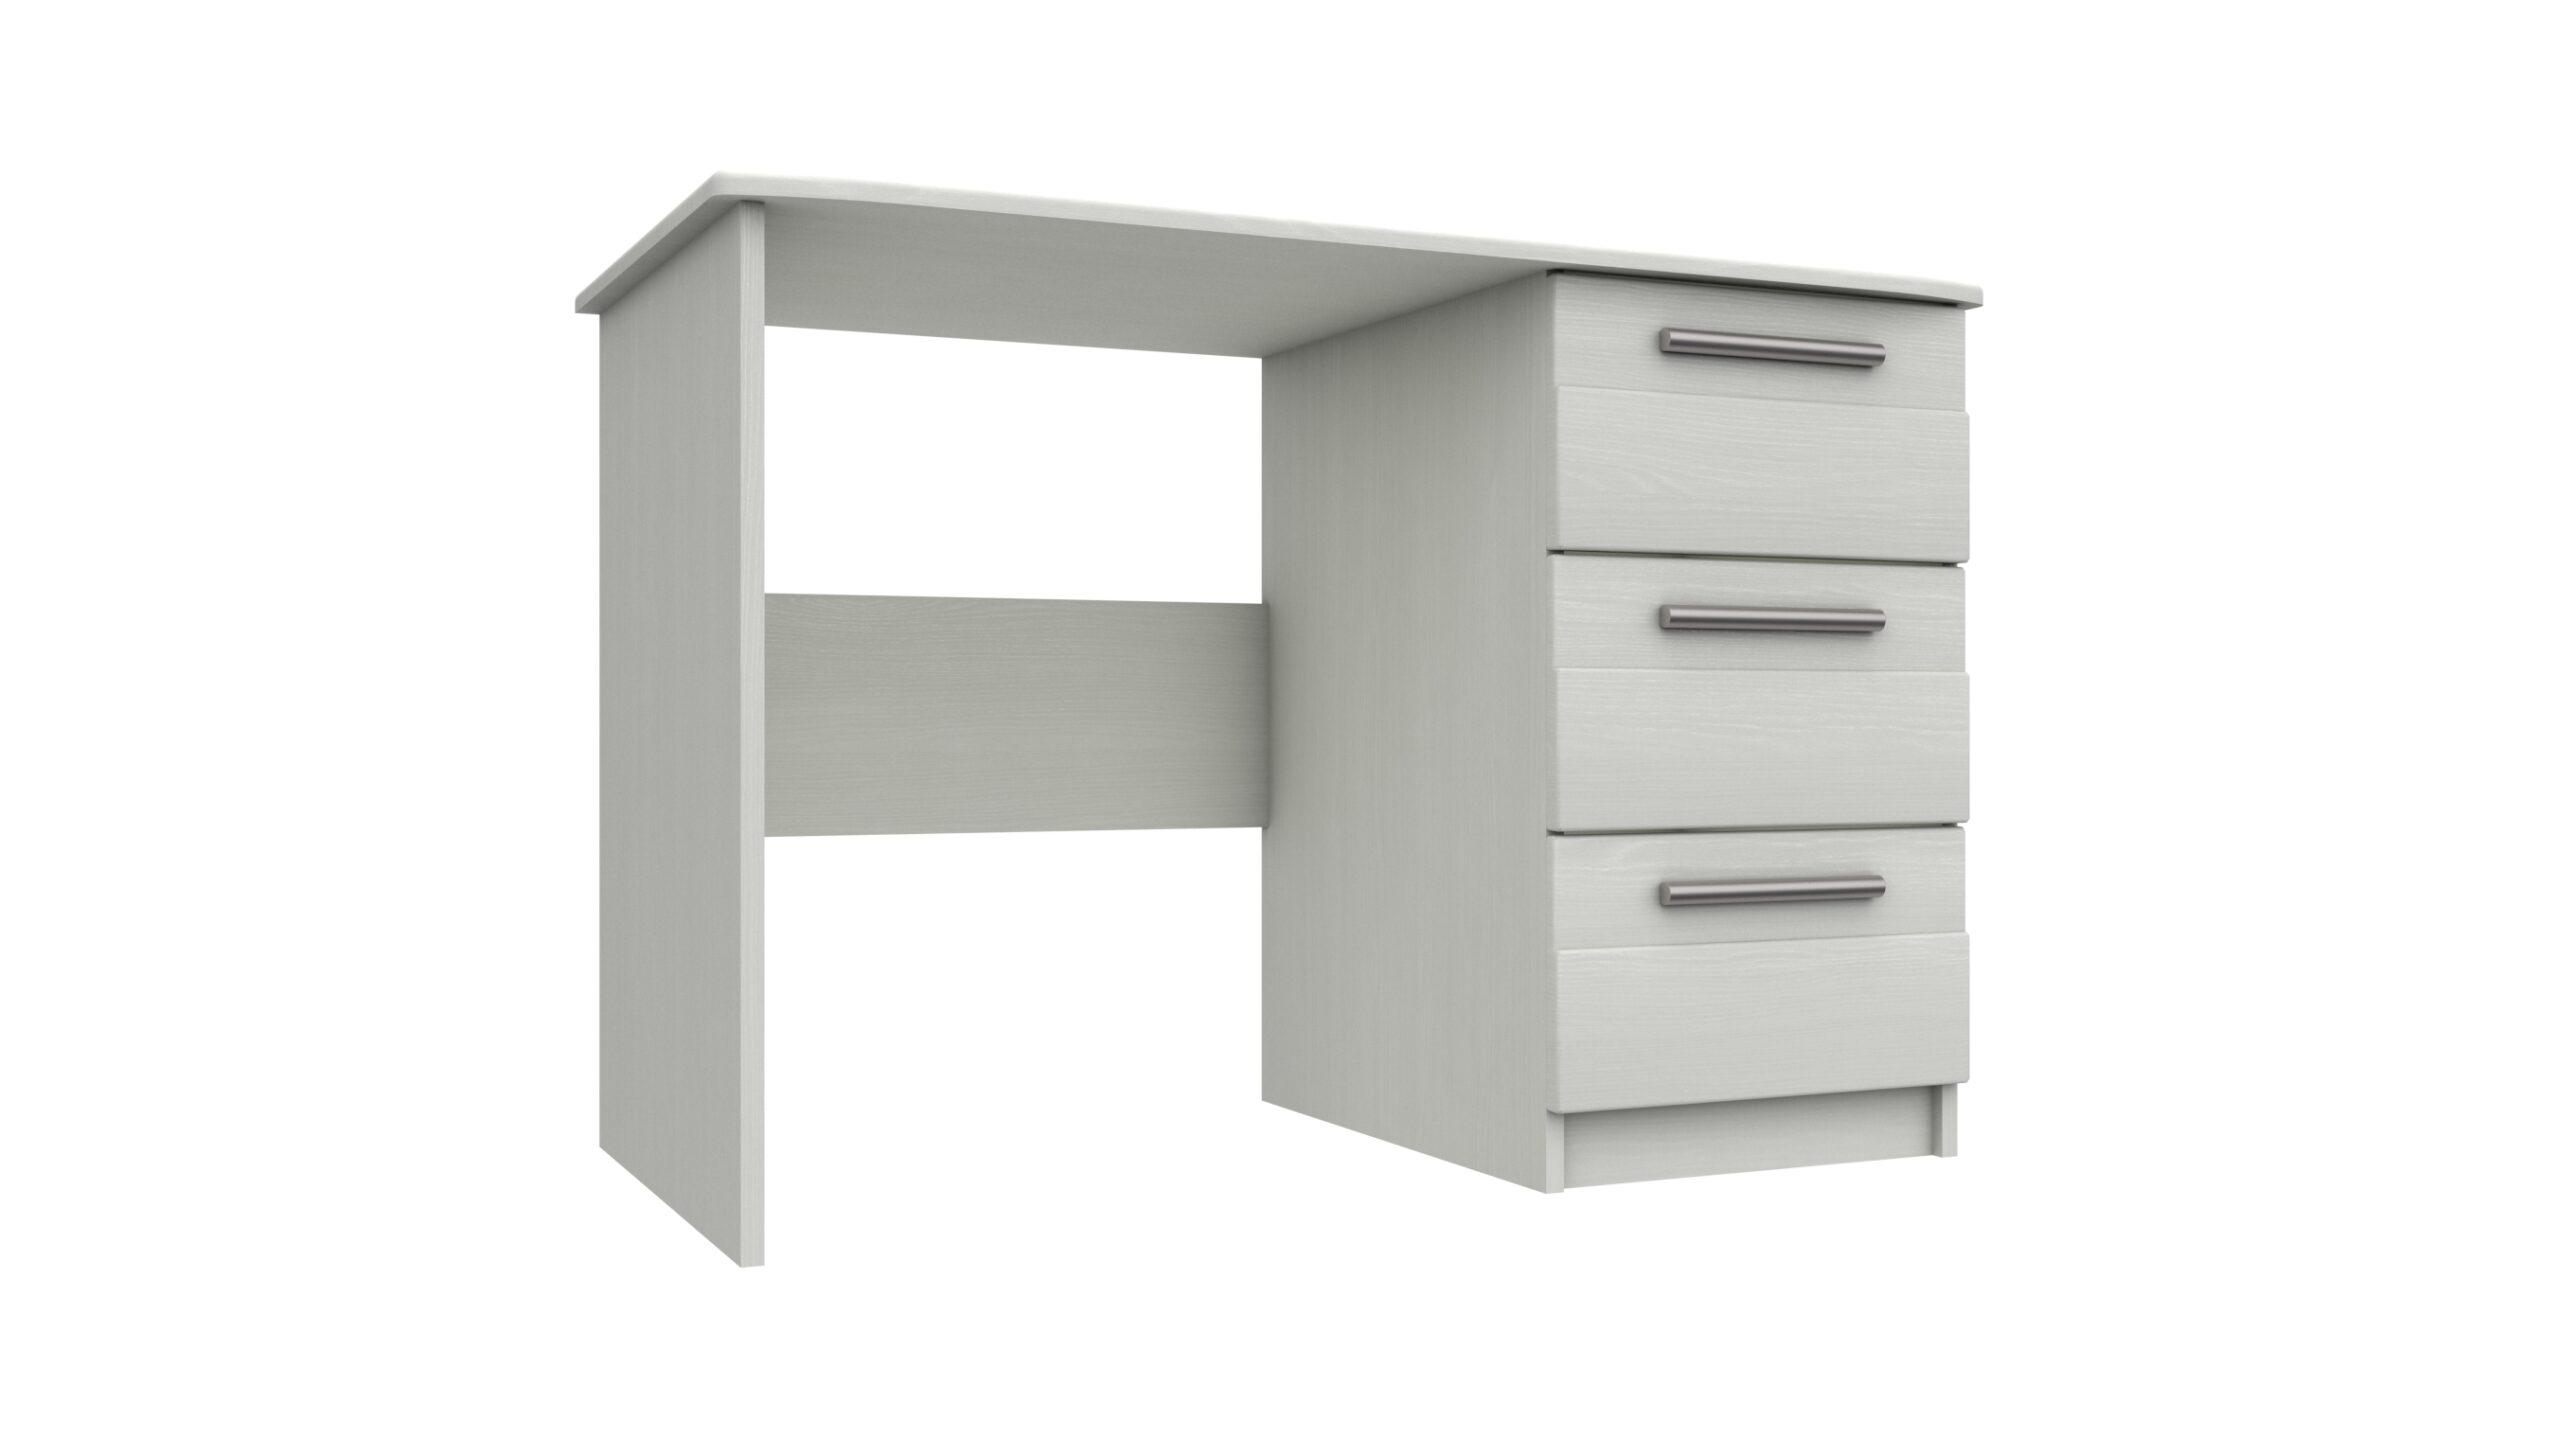 Midas Three Drawer Dressing Table - White Woodgrain